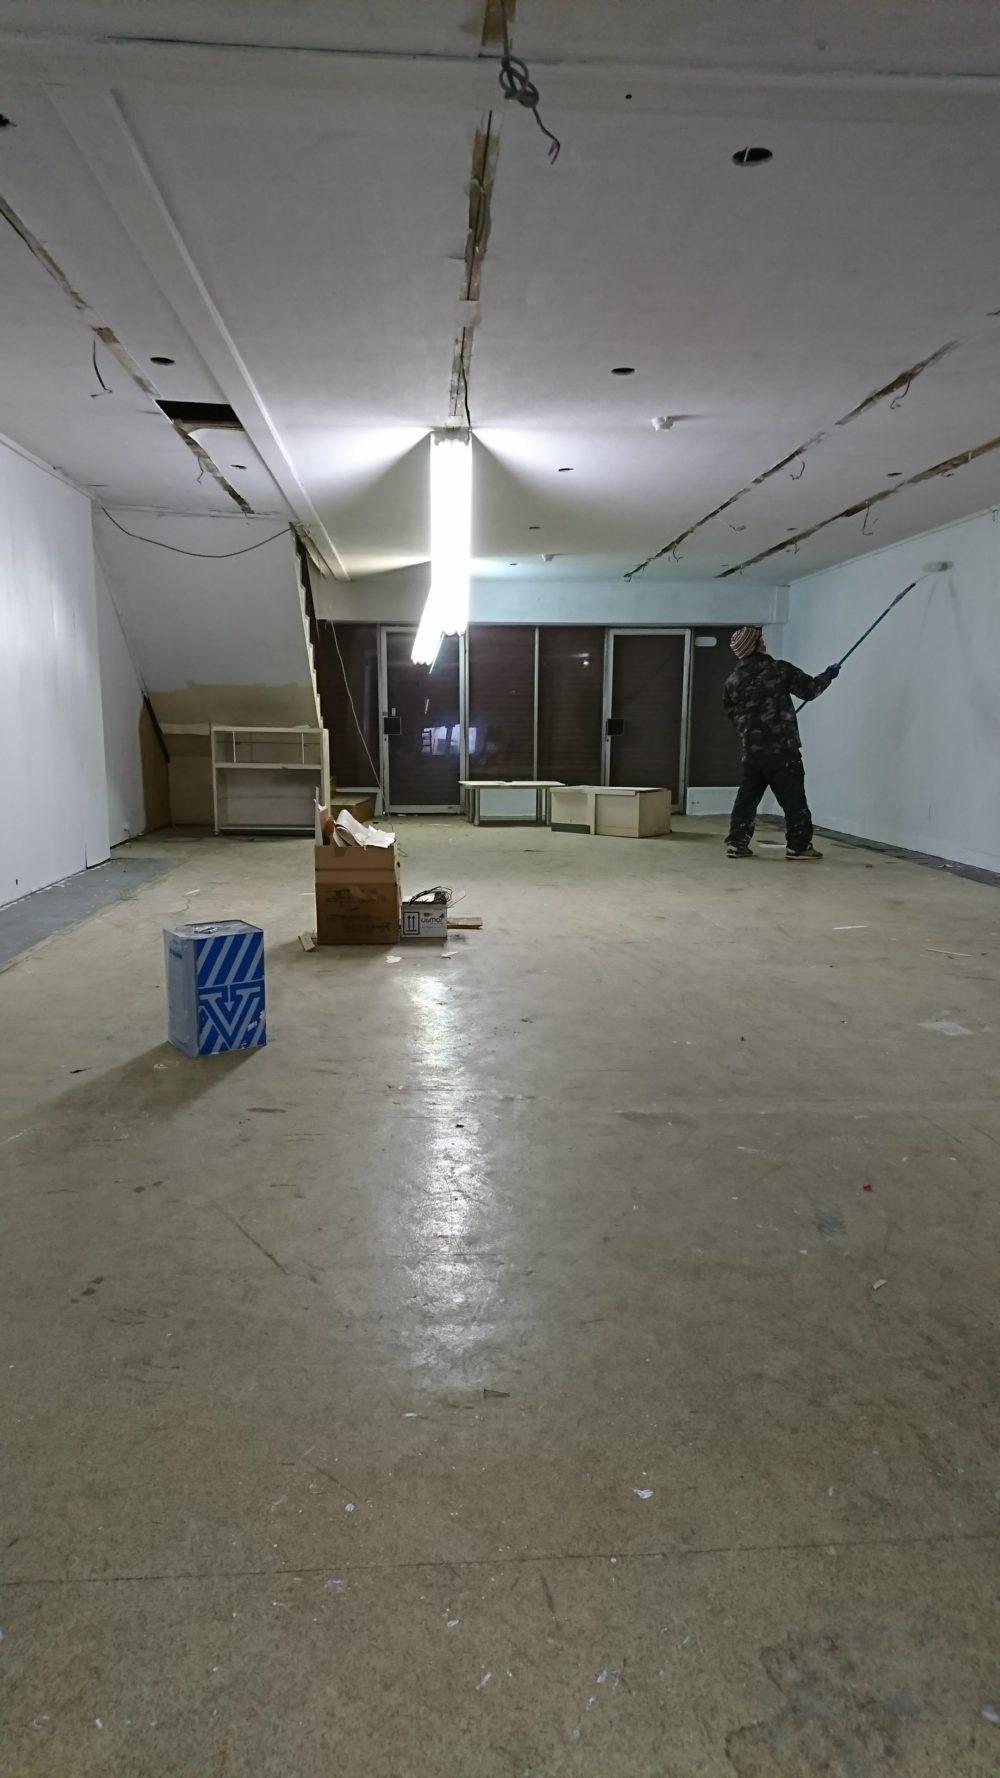 工房型店舗のセリフビルド